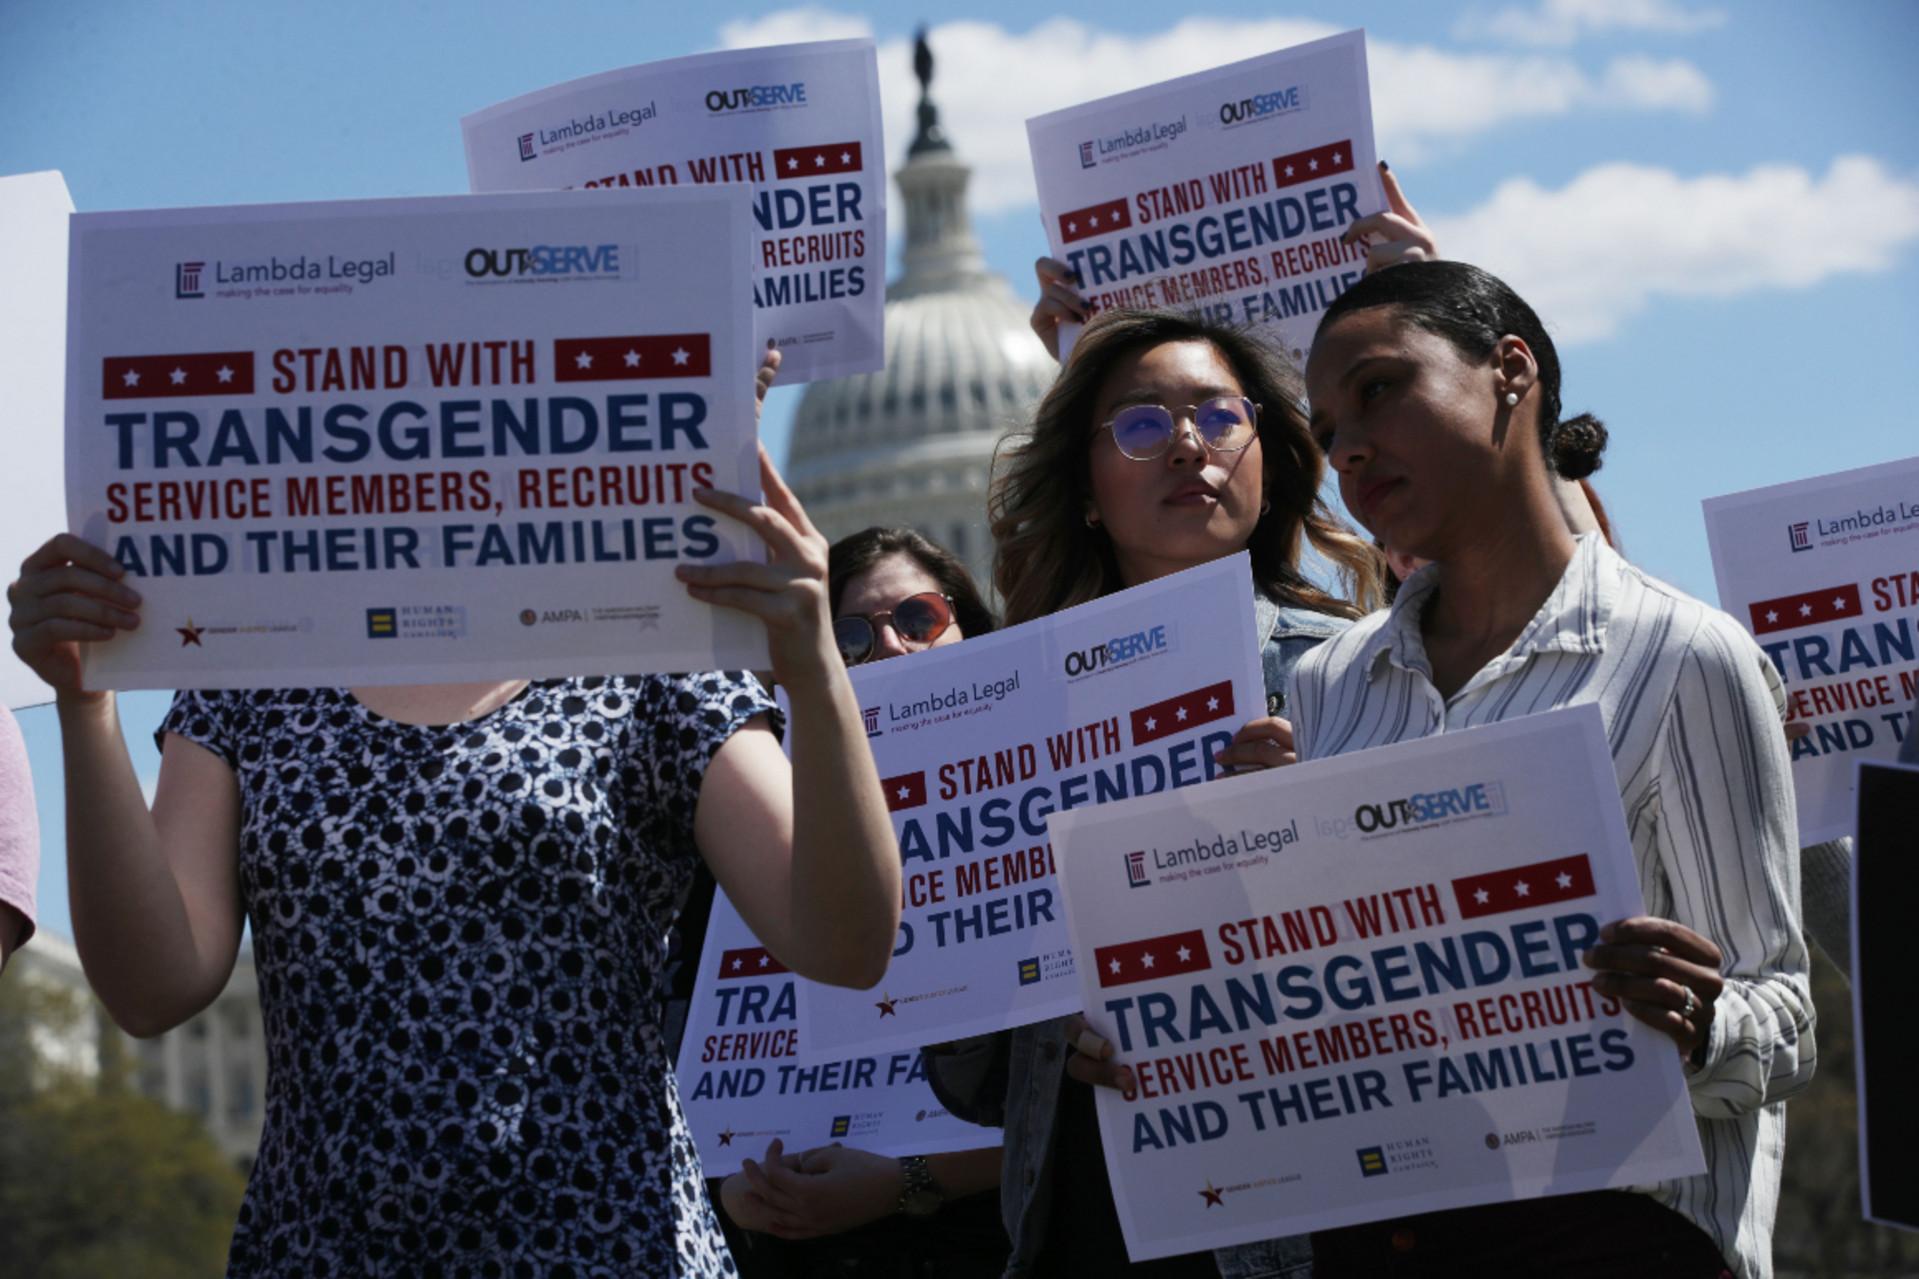 Трансгендери в армії: США повертаються до політики часів Обами щодо питань ЛГБТ - фото 2